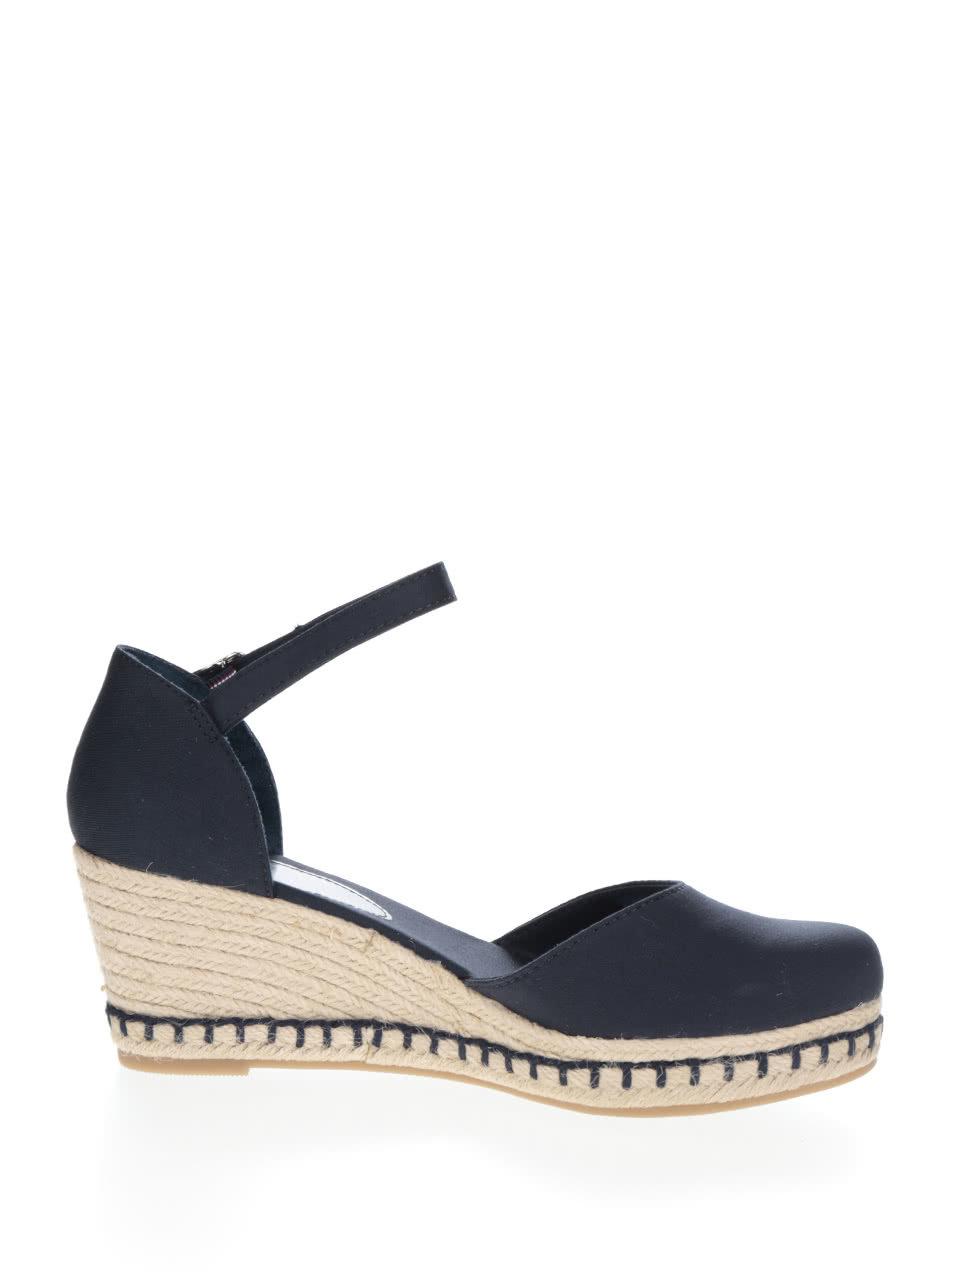 Tmavě modré dámské sandály na klínku Tommy Hilfiger ... c3d20ded02